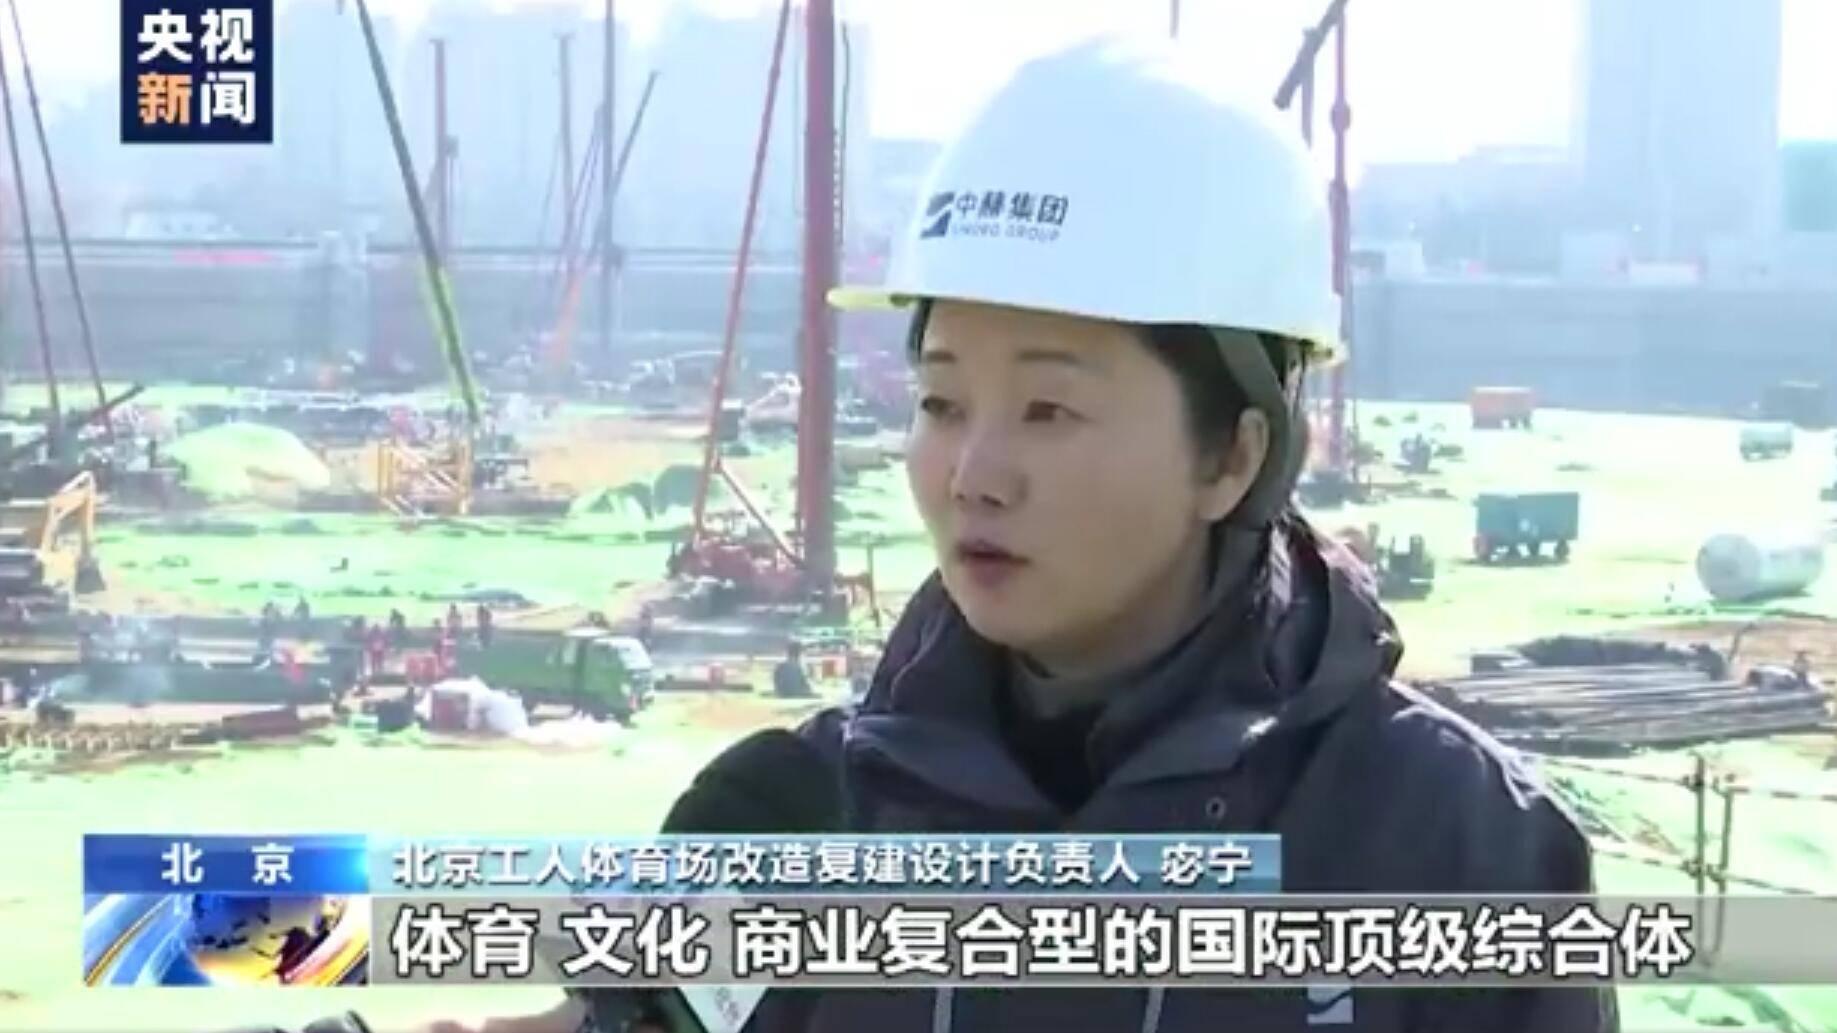 北京工体2022年底全新亮相 负责人:打造国际顶级综合体